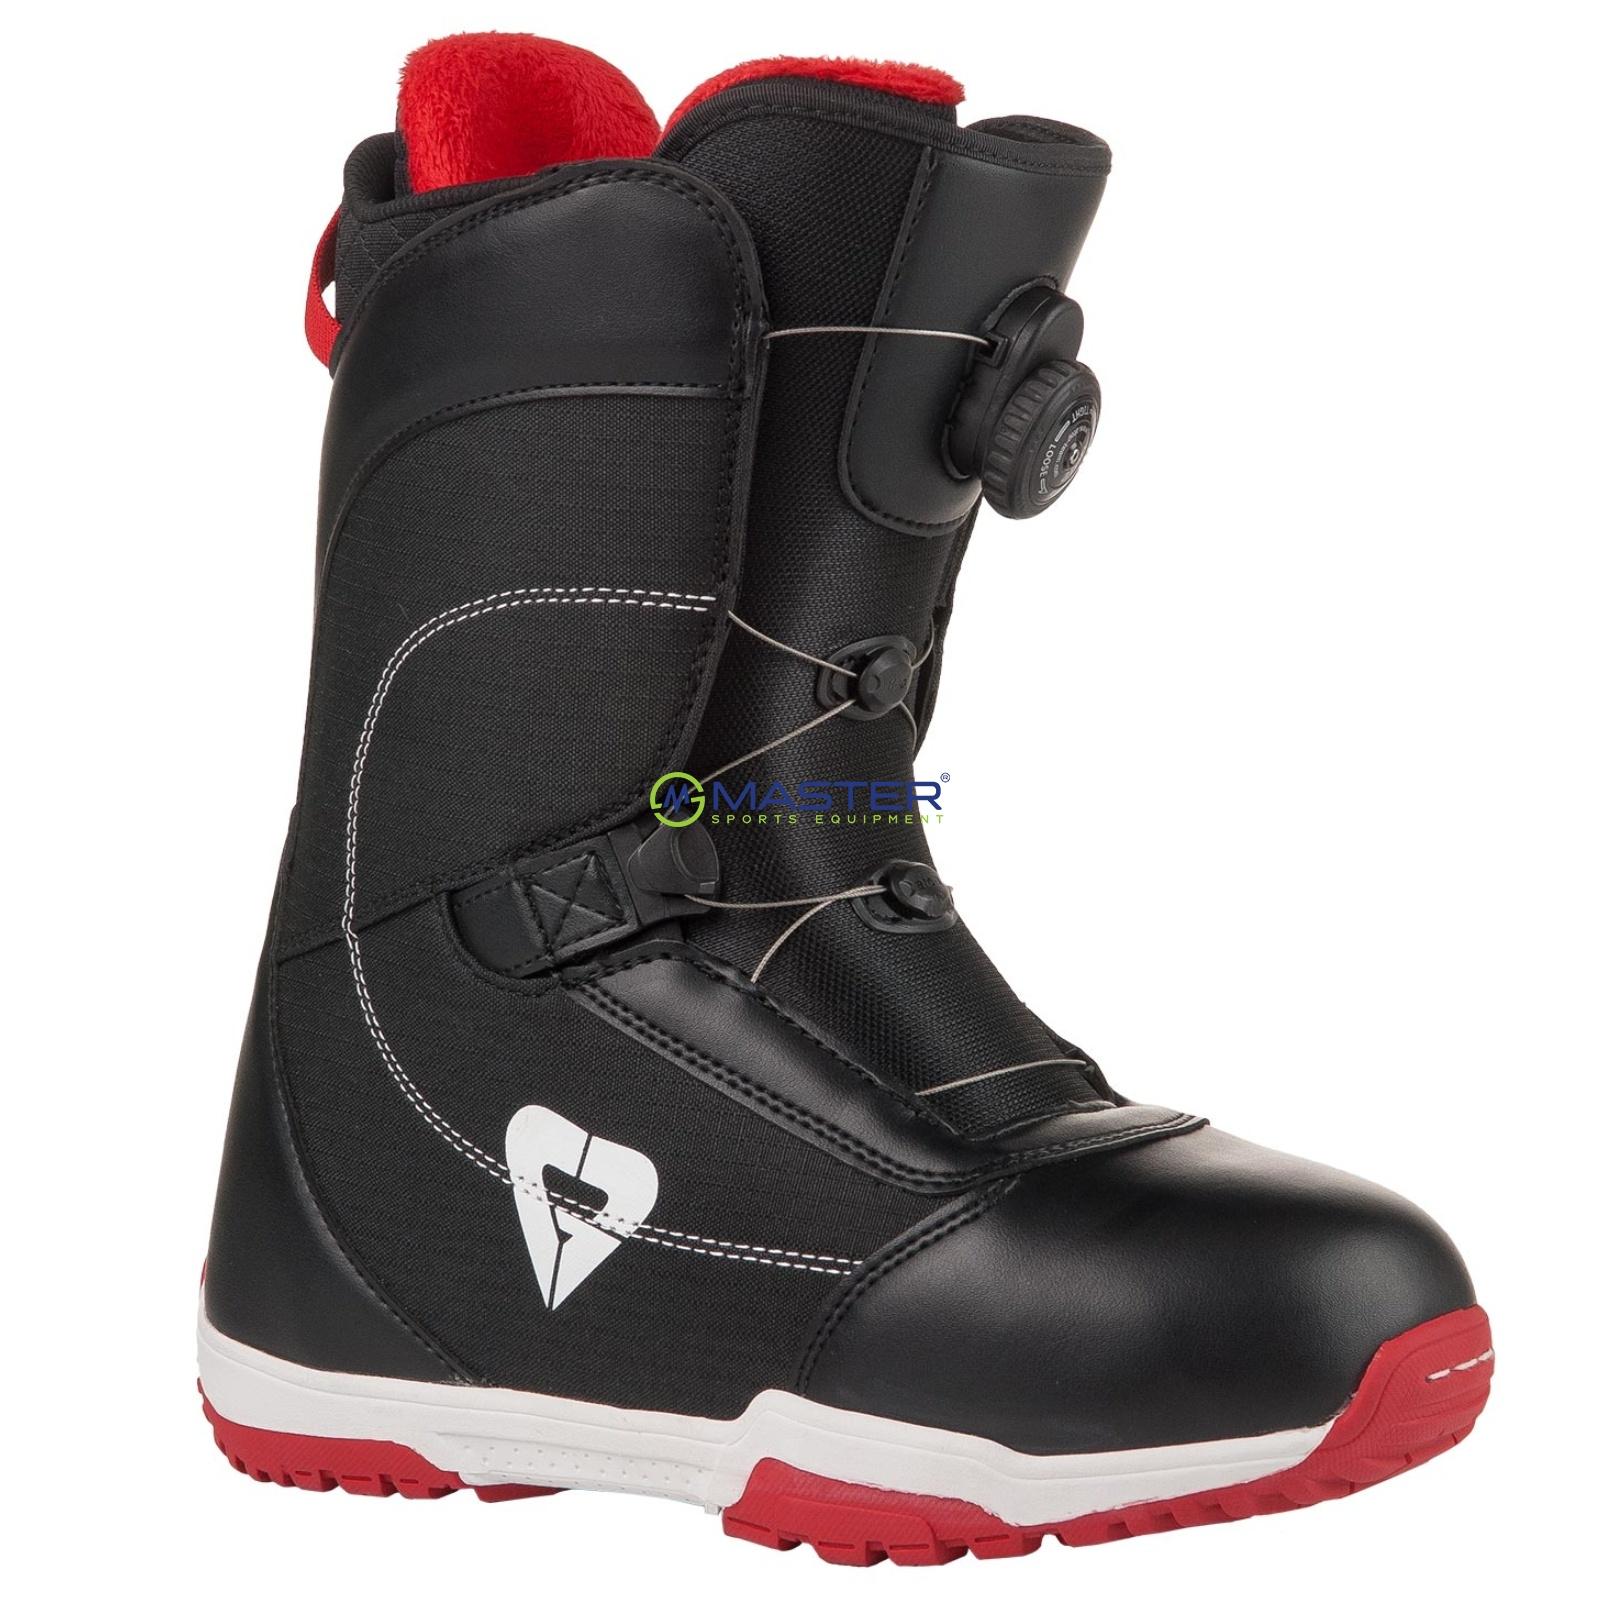 a32736a12 Topánky na snowboard GRAVITY Aura Atop dámske - veľ. 41 ...